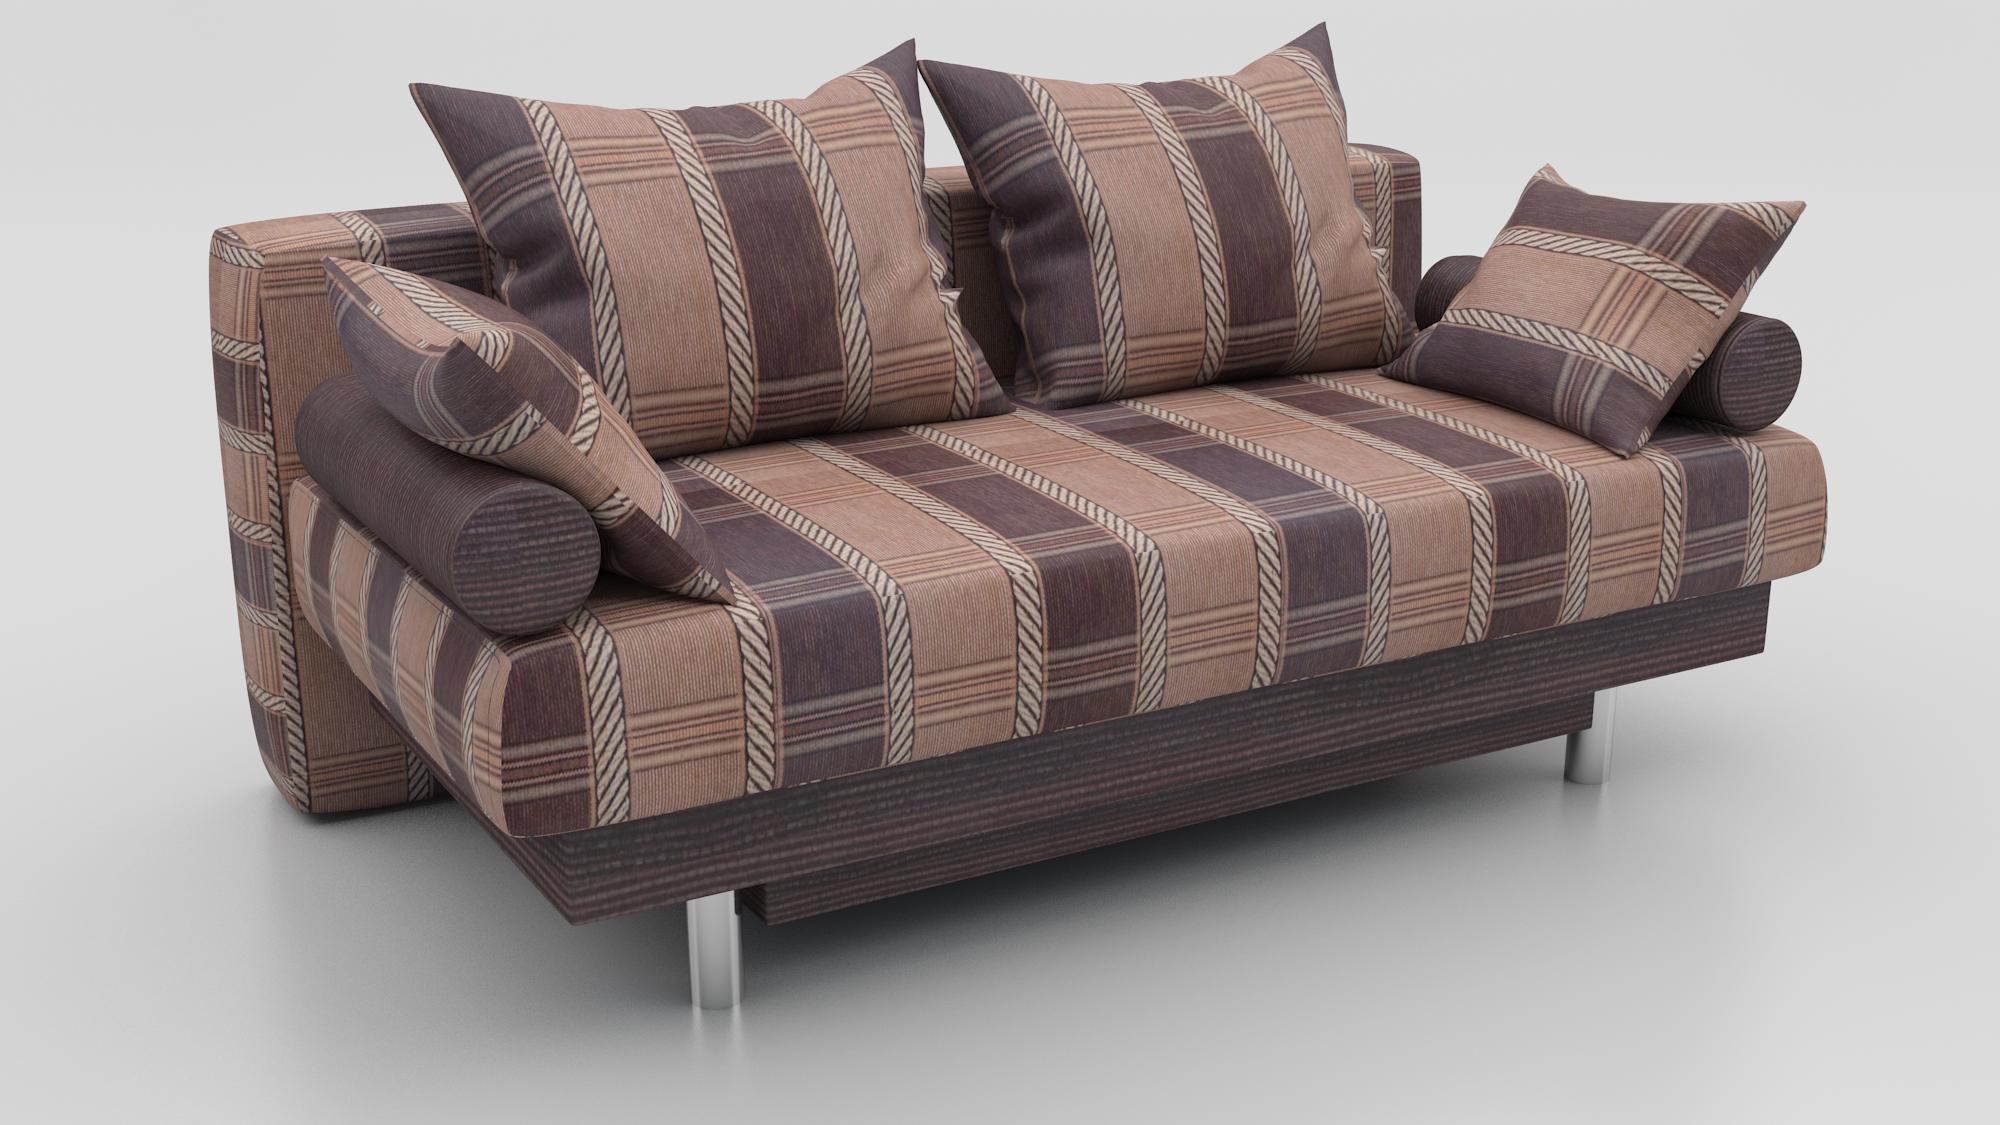 Прямой диван Парадиз еврокнижка шенилл коричневая